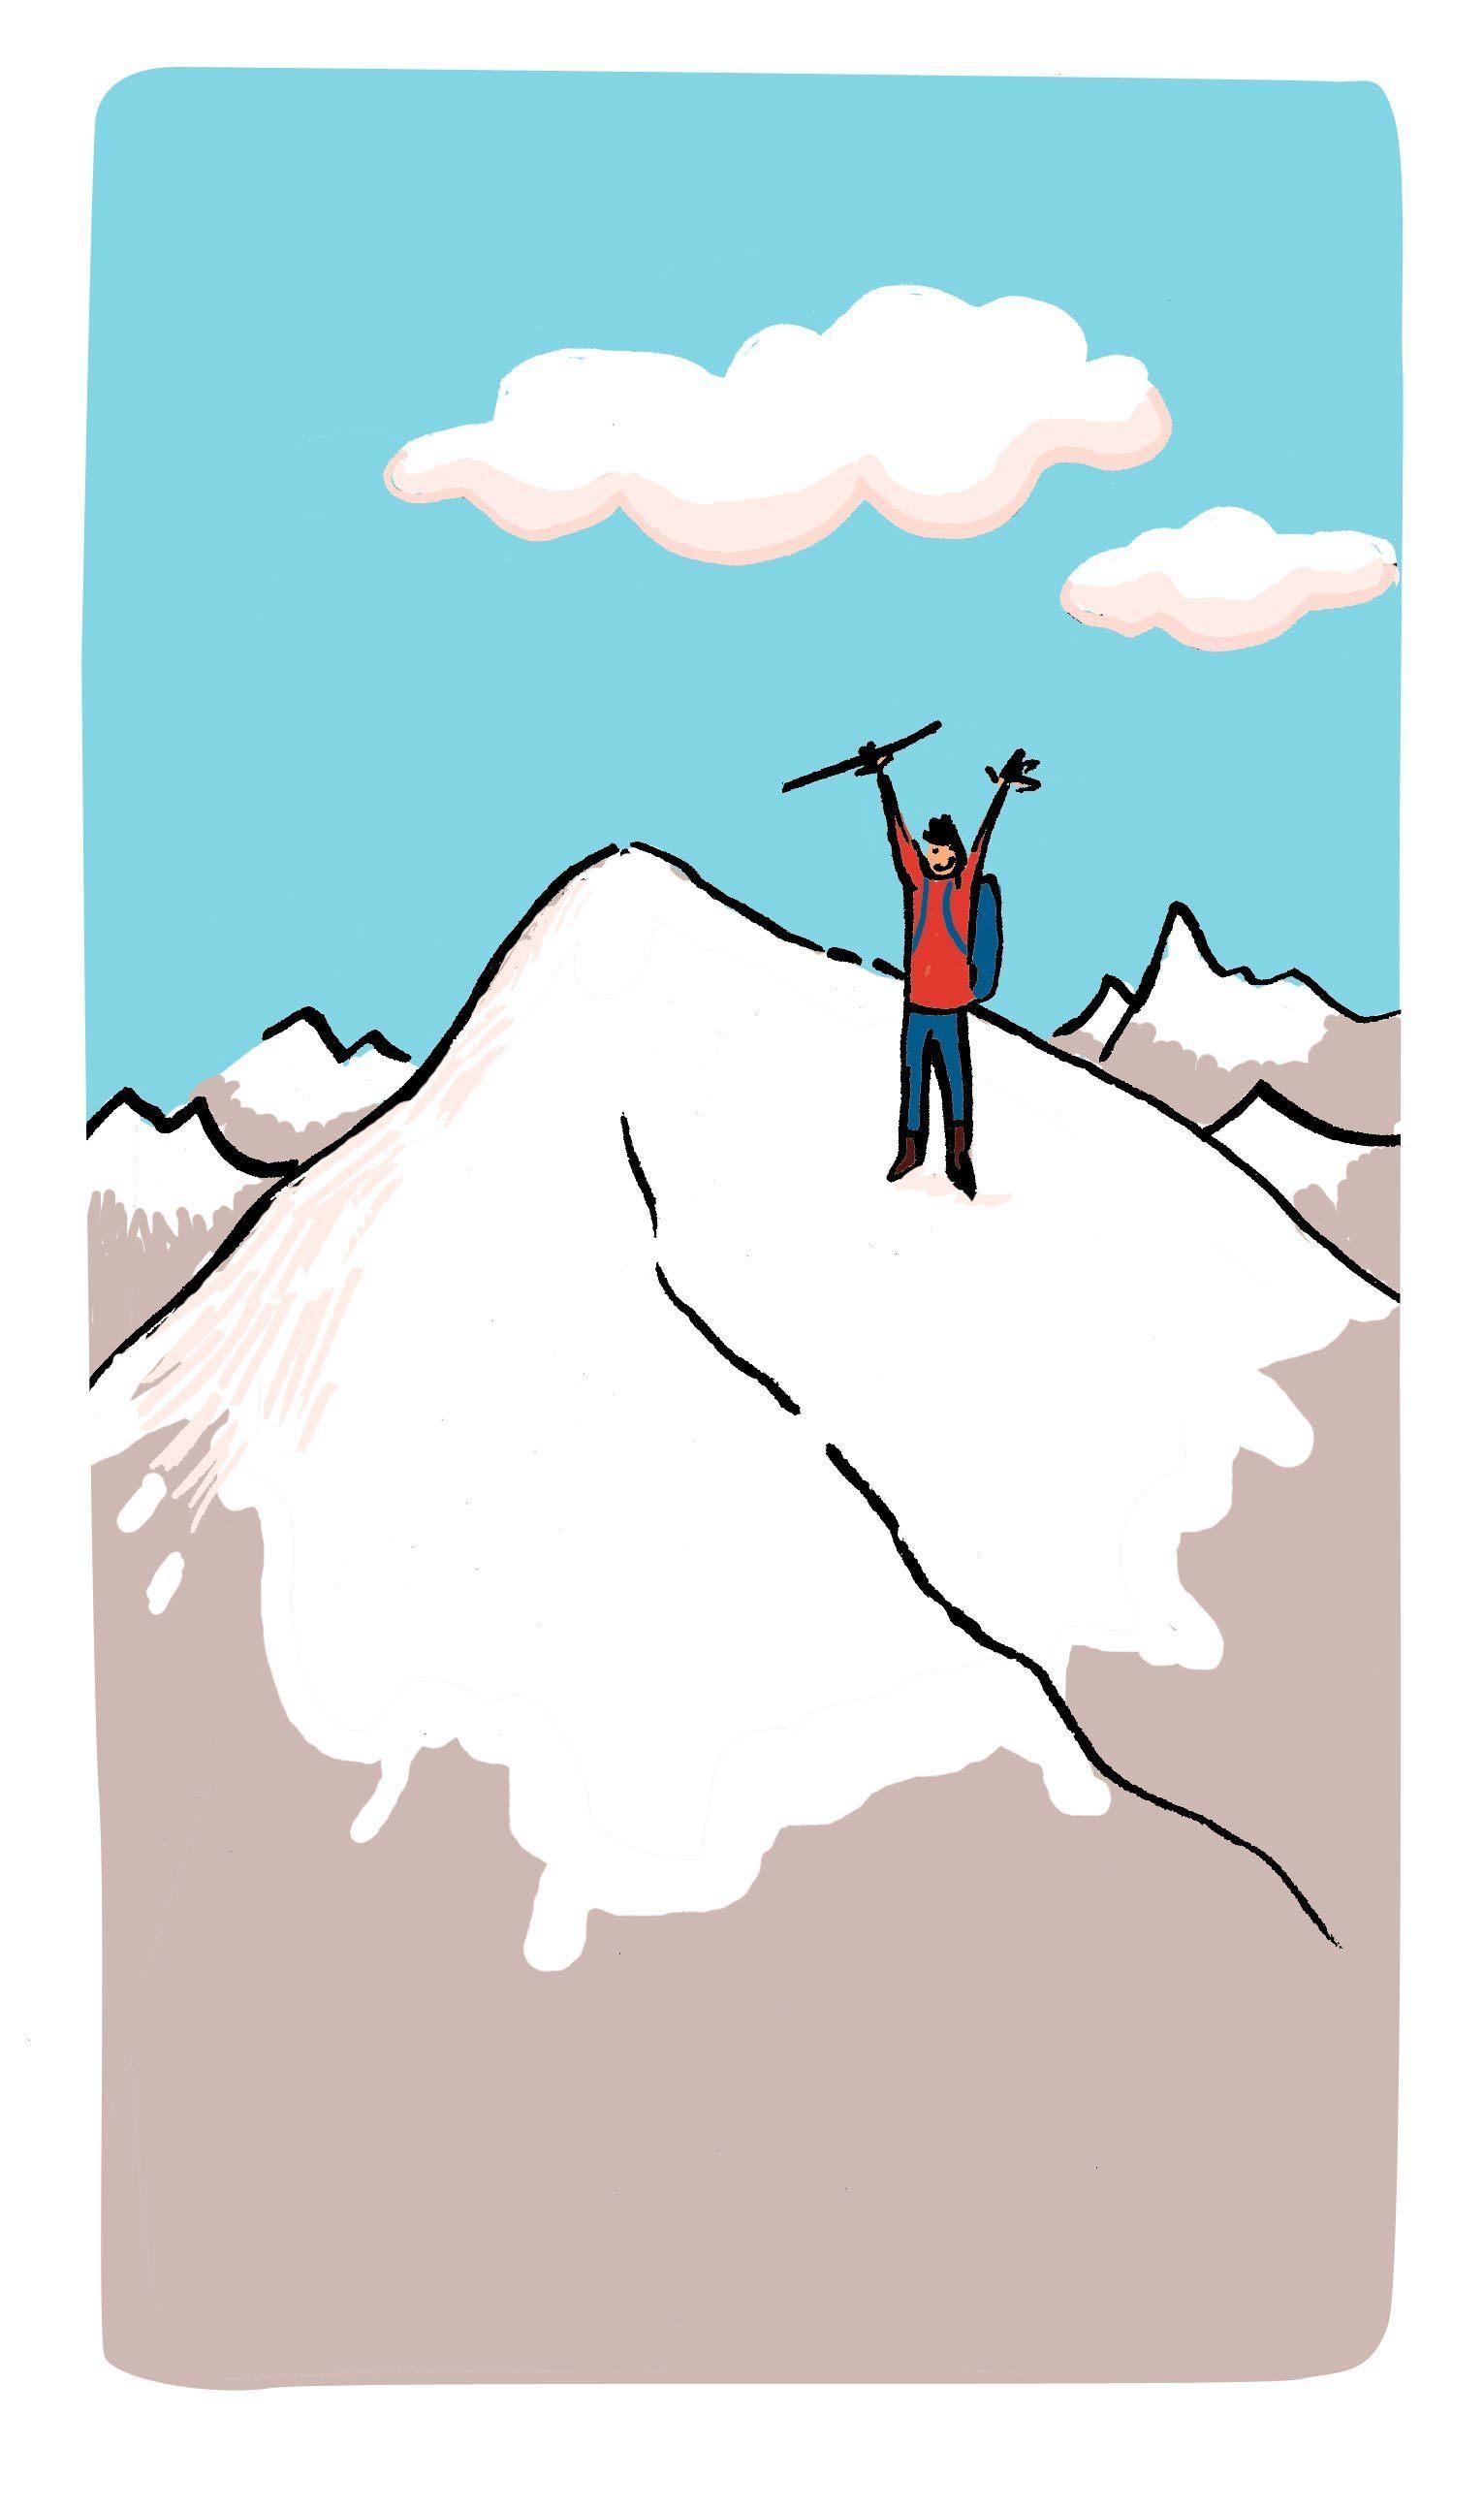 Thibaut crie « Allo ! » en haut d'une montagne et écoute l'écho de sa voix.